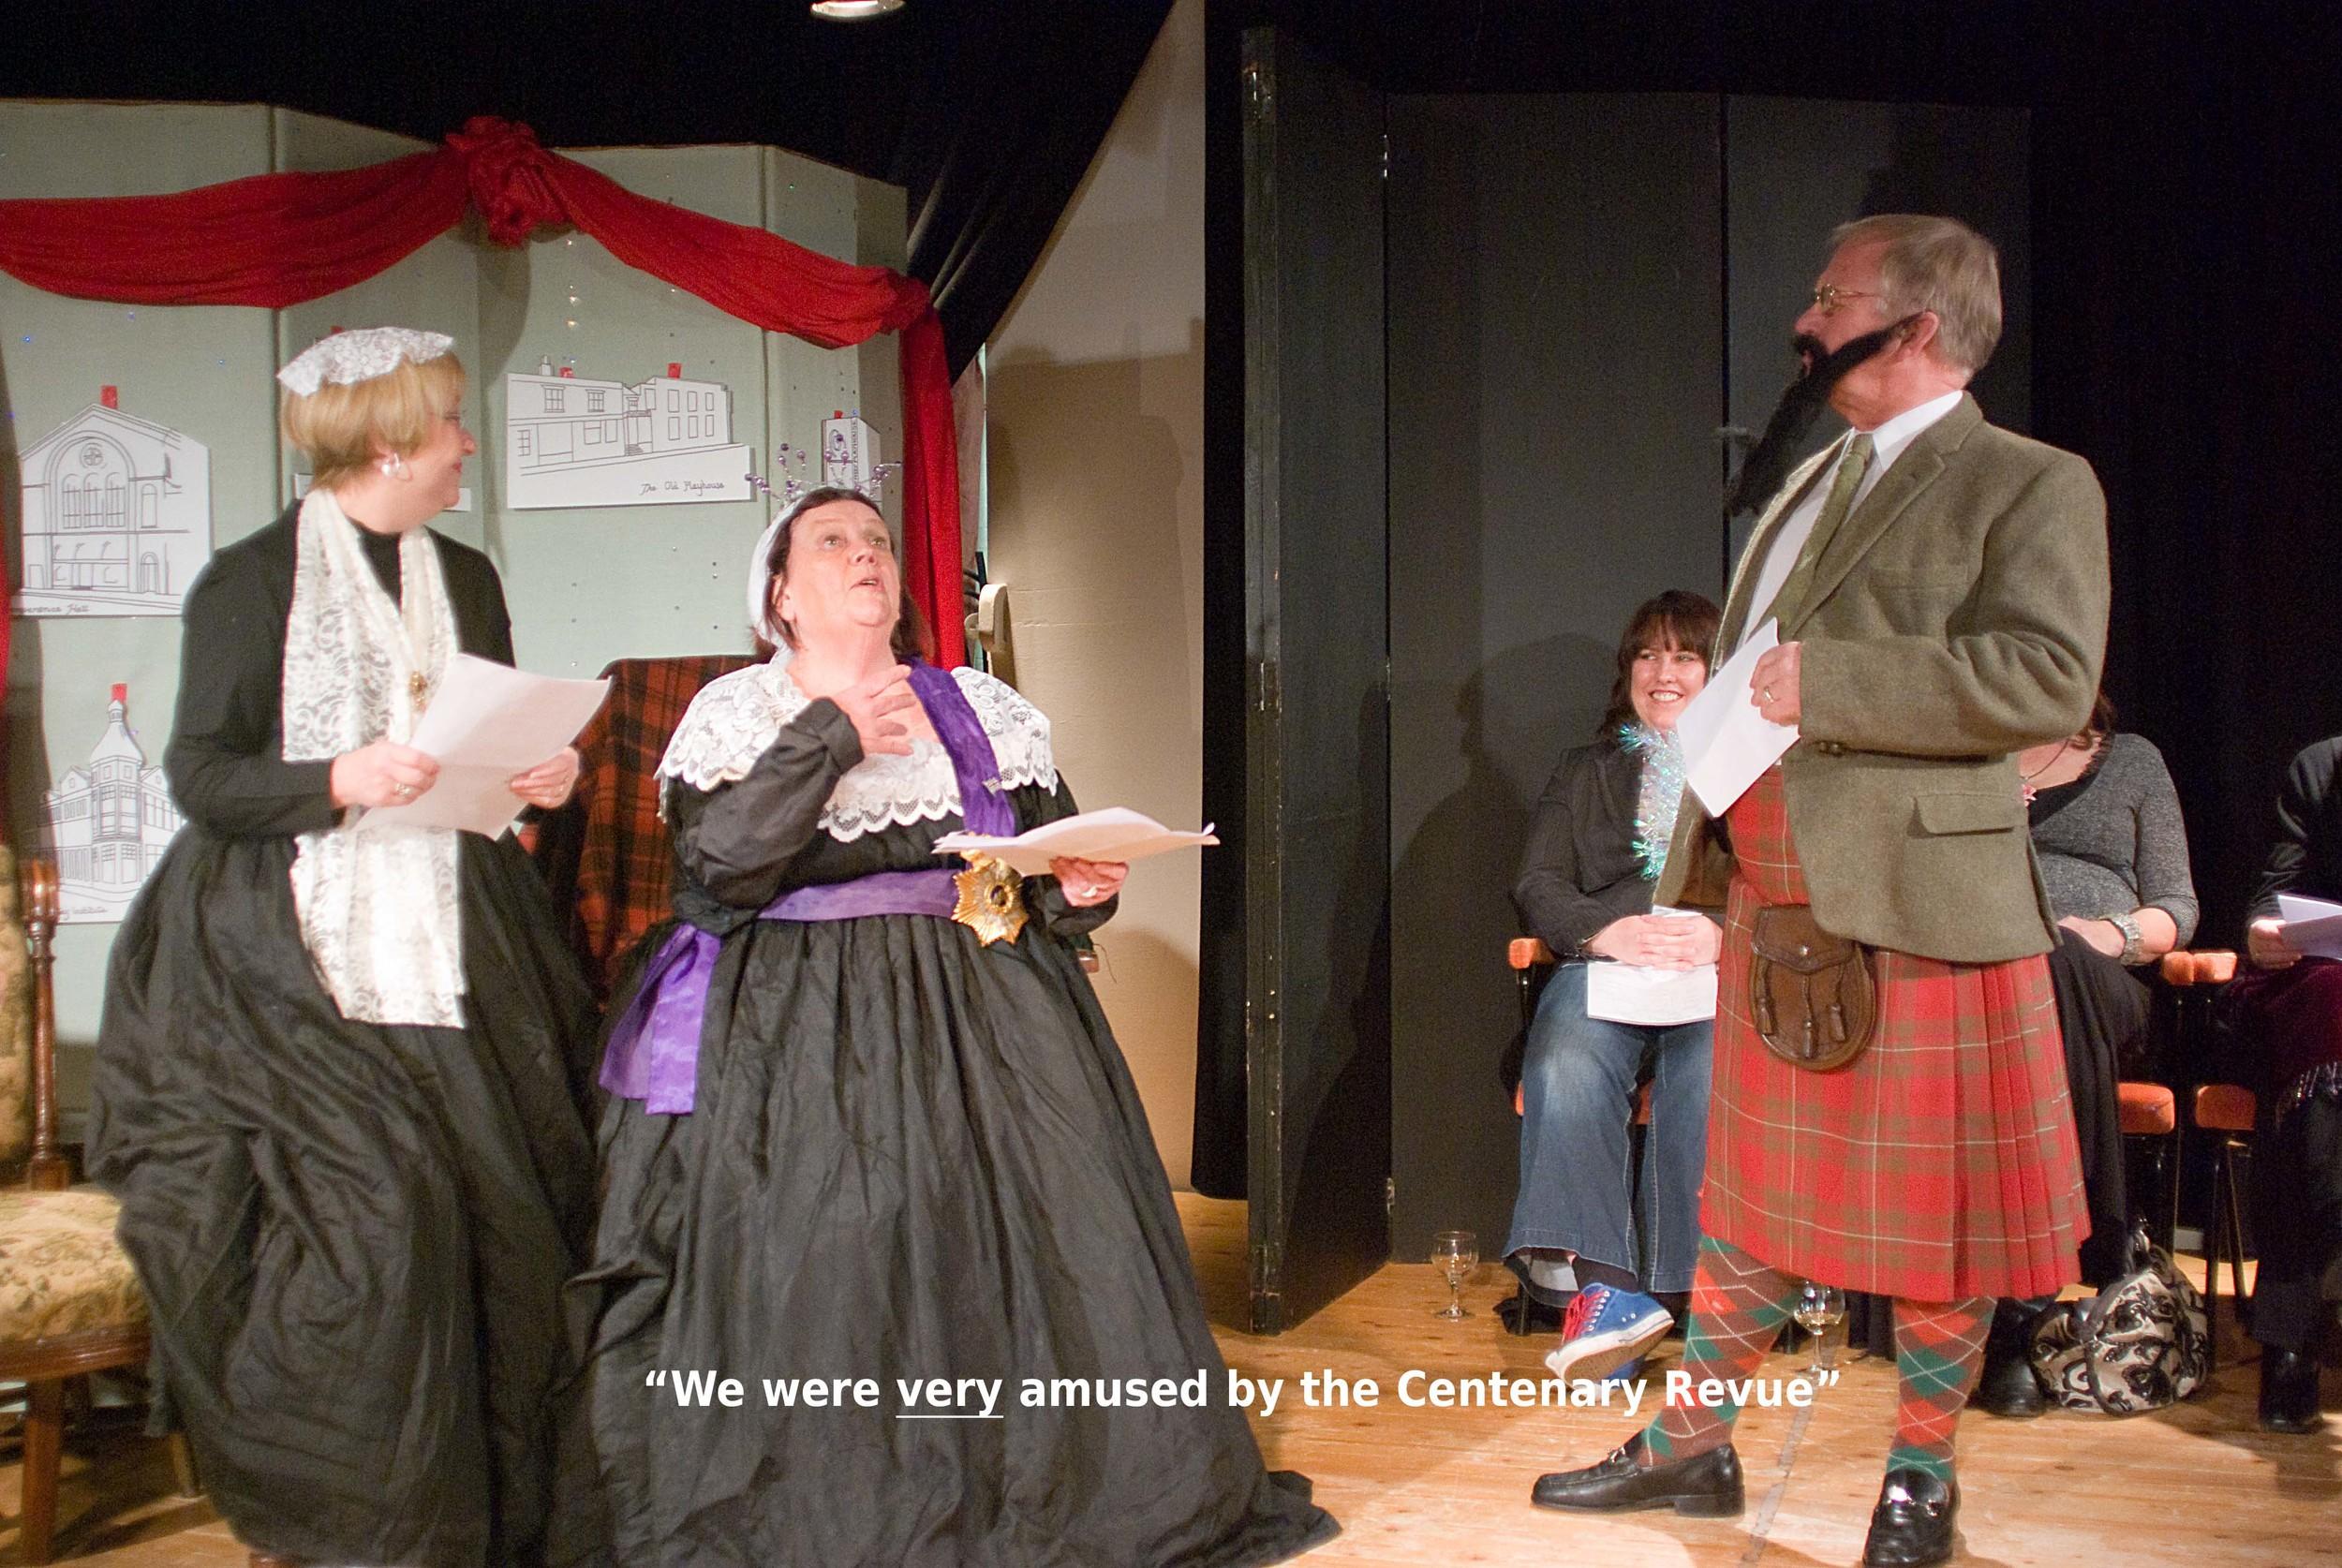 'We were very amused' - Revue.jpg